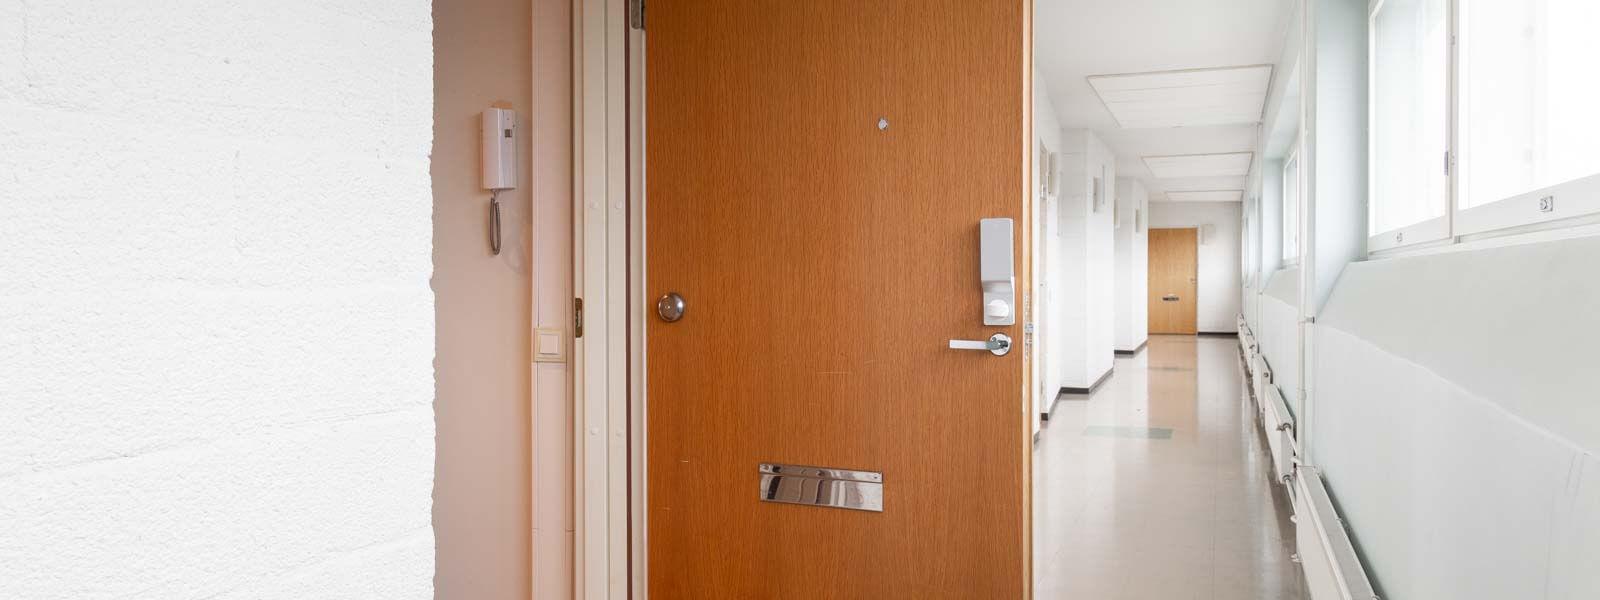 Pindora älylukko kerrostalon ovessa